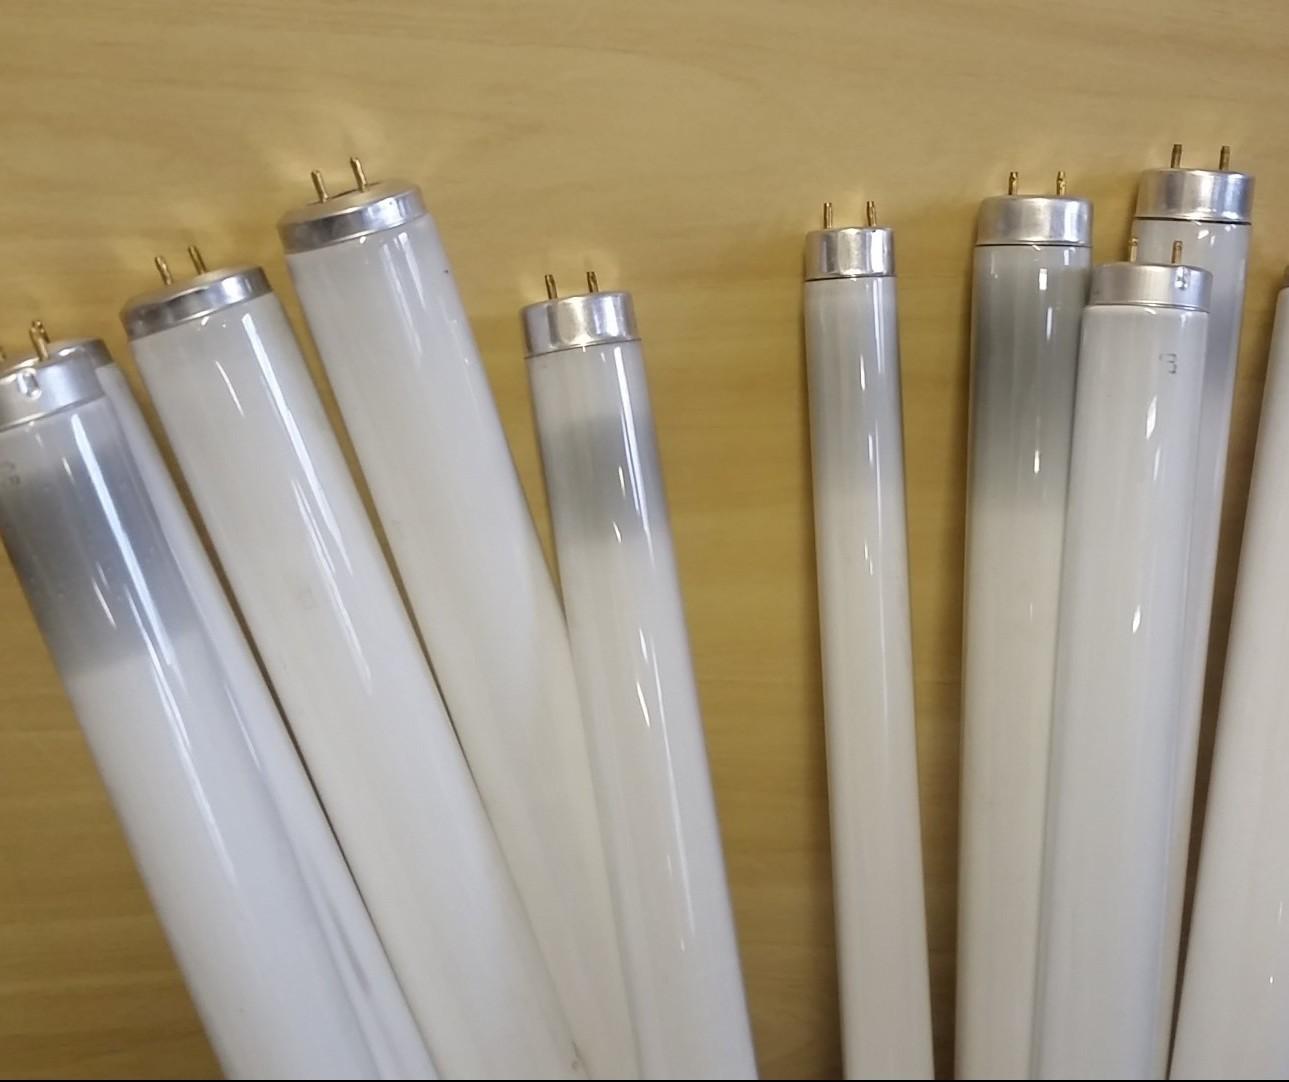 Prazo para solicitar recolhimento de lâmpadas encerra em 15 de junho